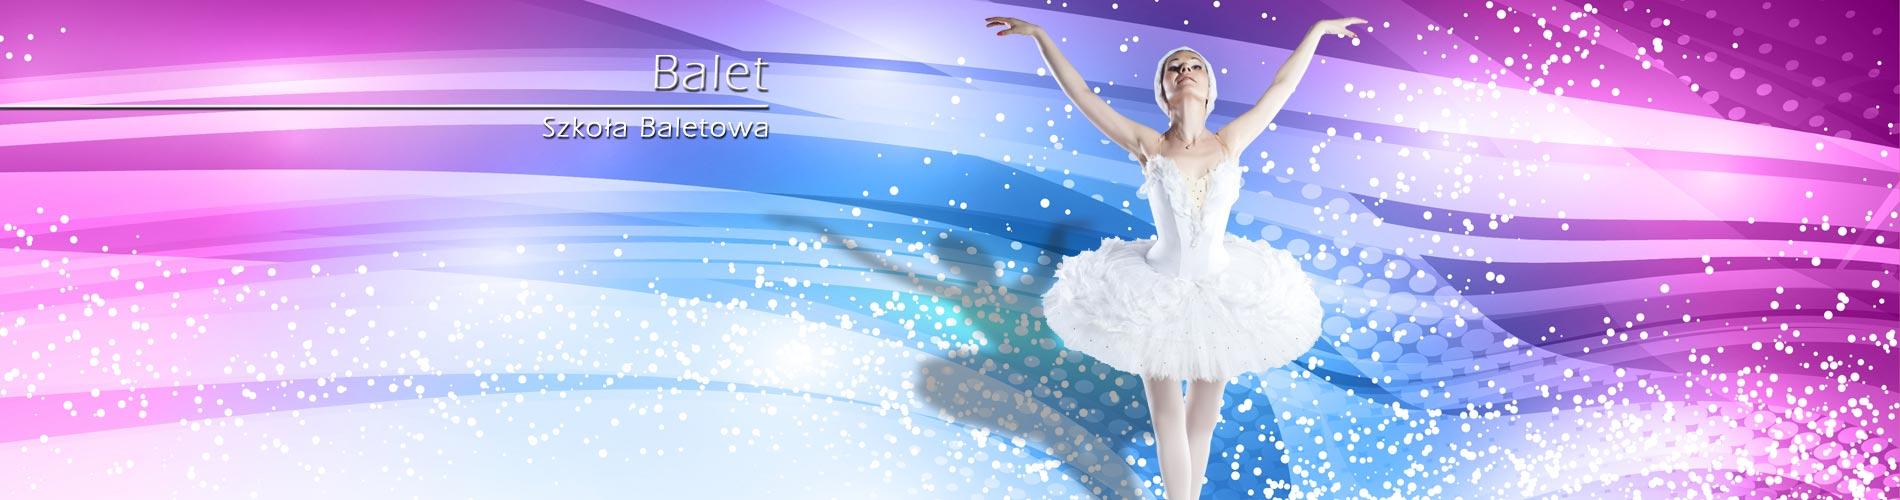 BALET - Szkoła Baletowa   ZAPISY